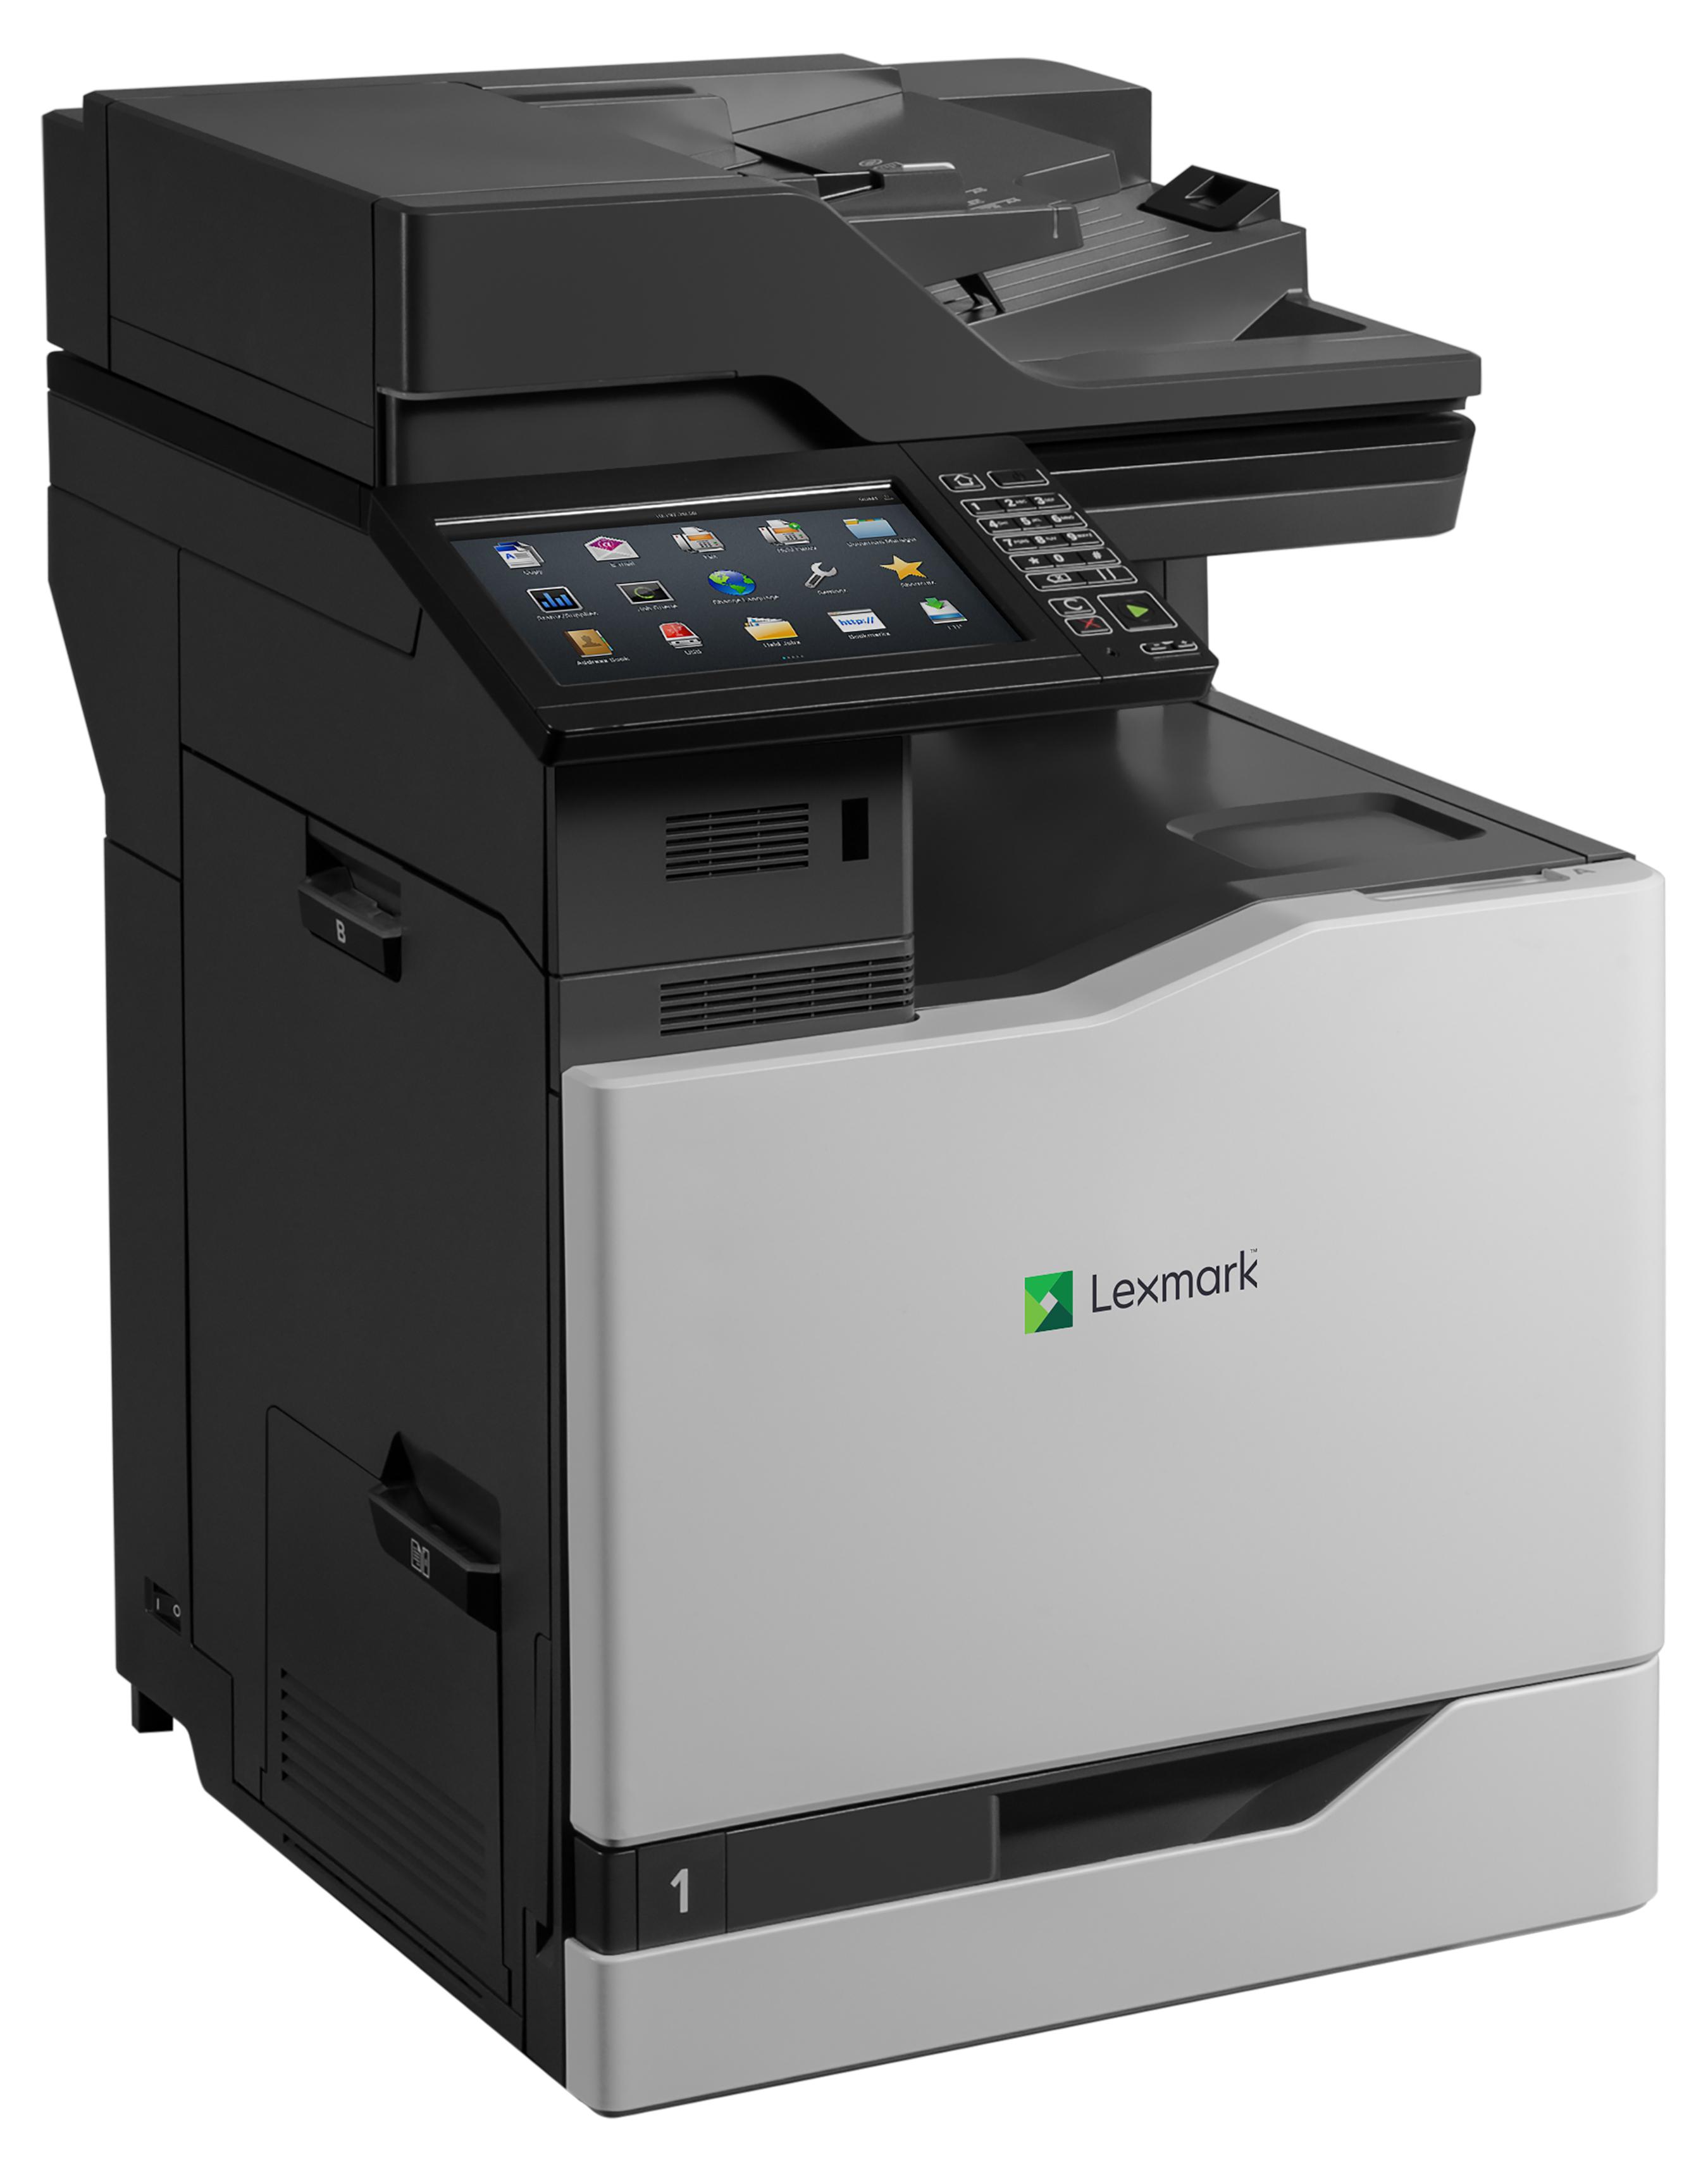 LEXMARK CX825dte MFP color A4 Laserdrucker 52ppm Duplex print scan copy fax Duplex